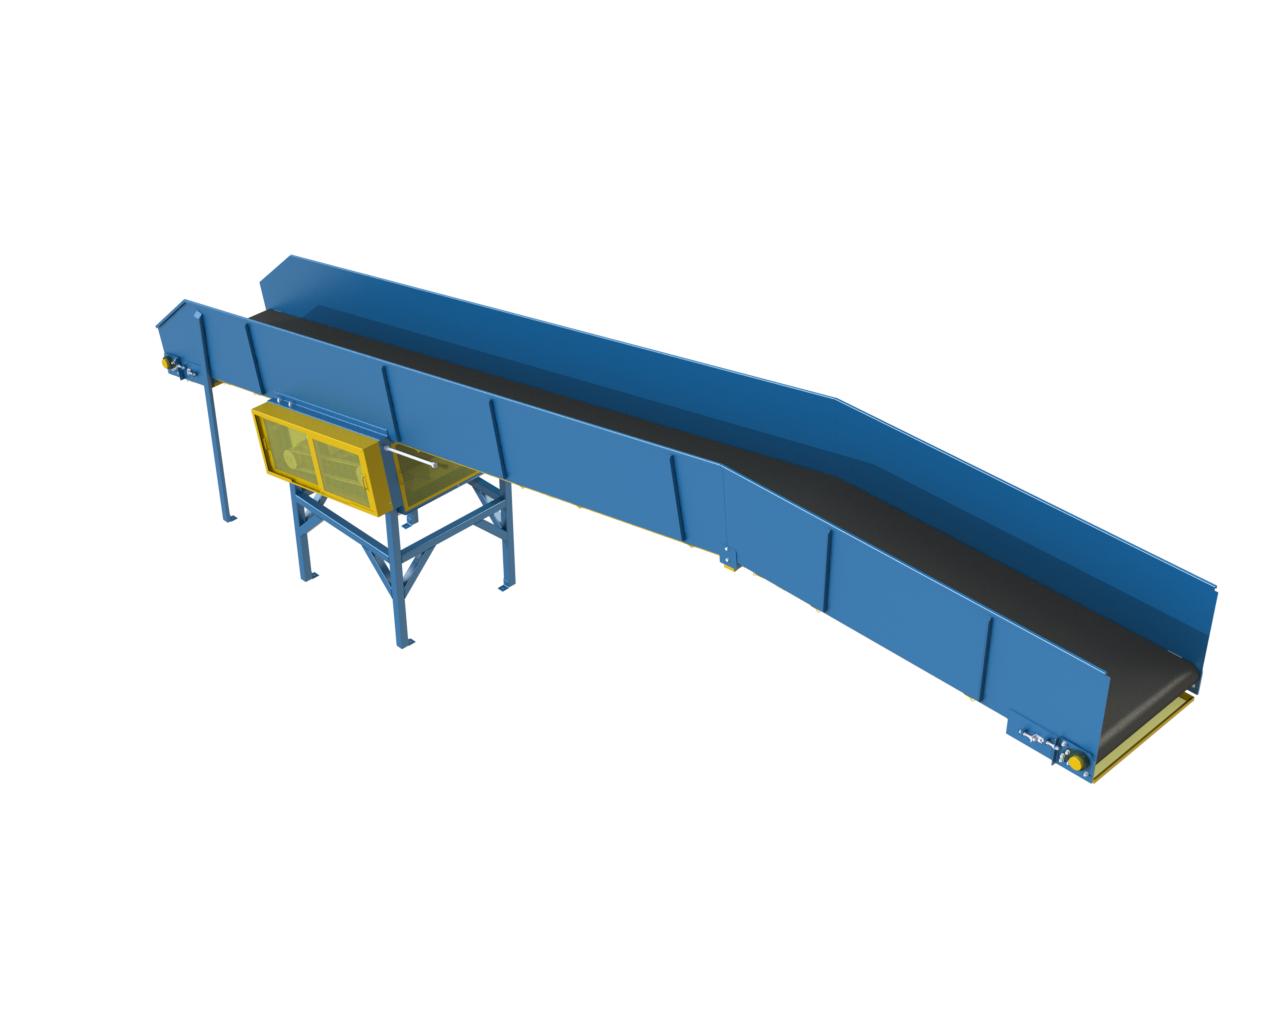 LEWCO Parcel Handling Belt Conveyor